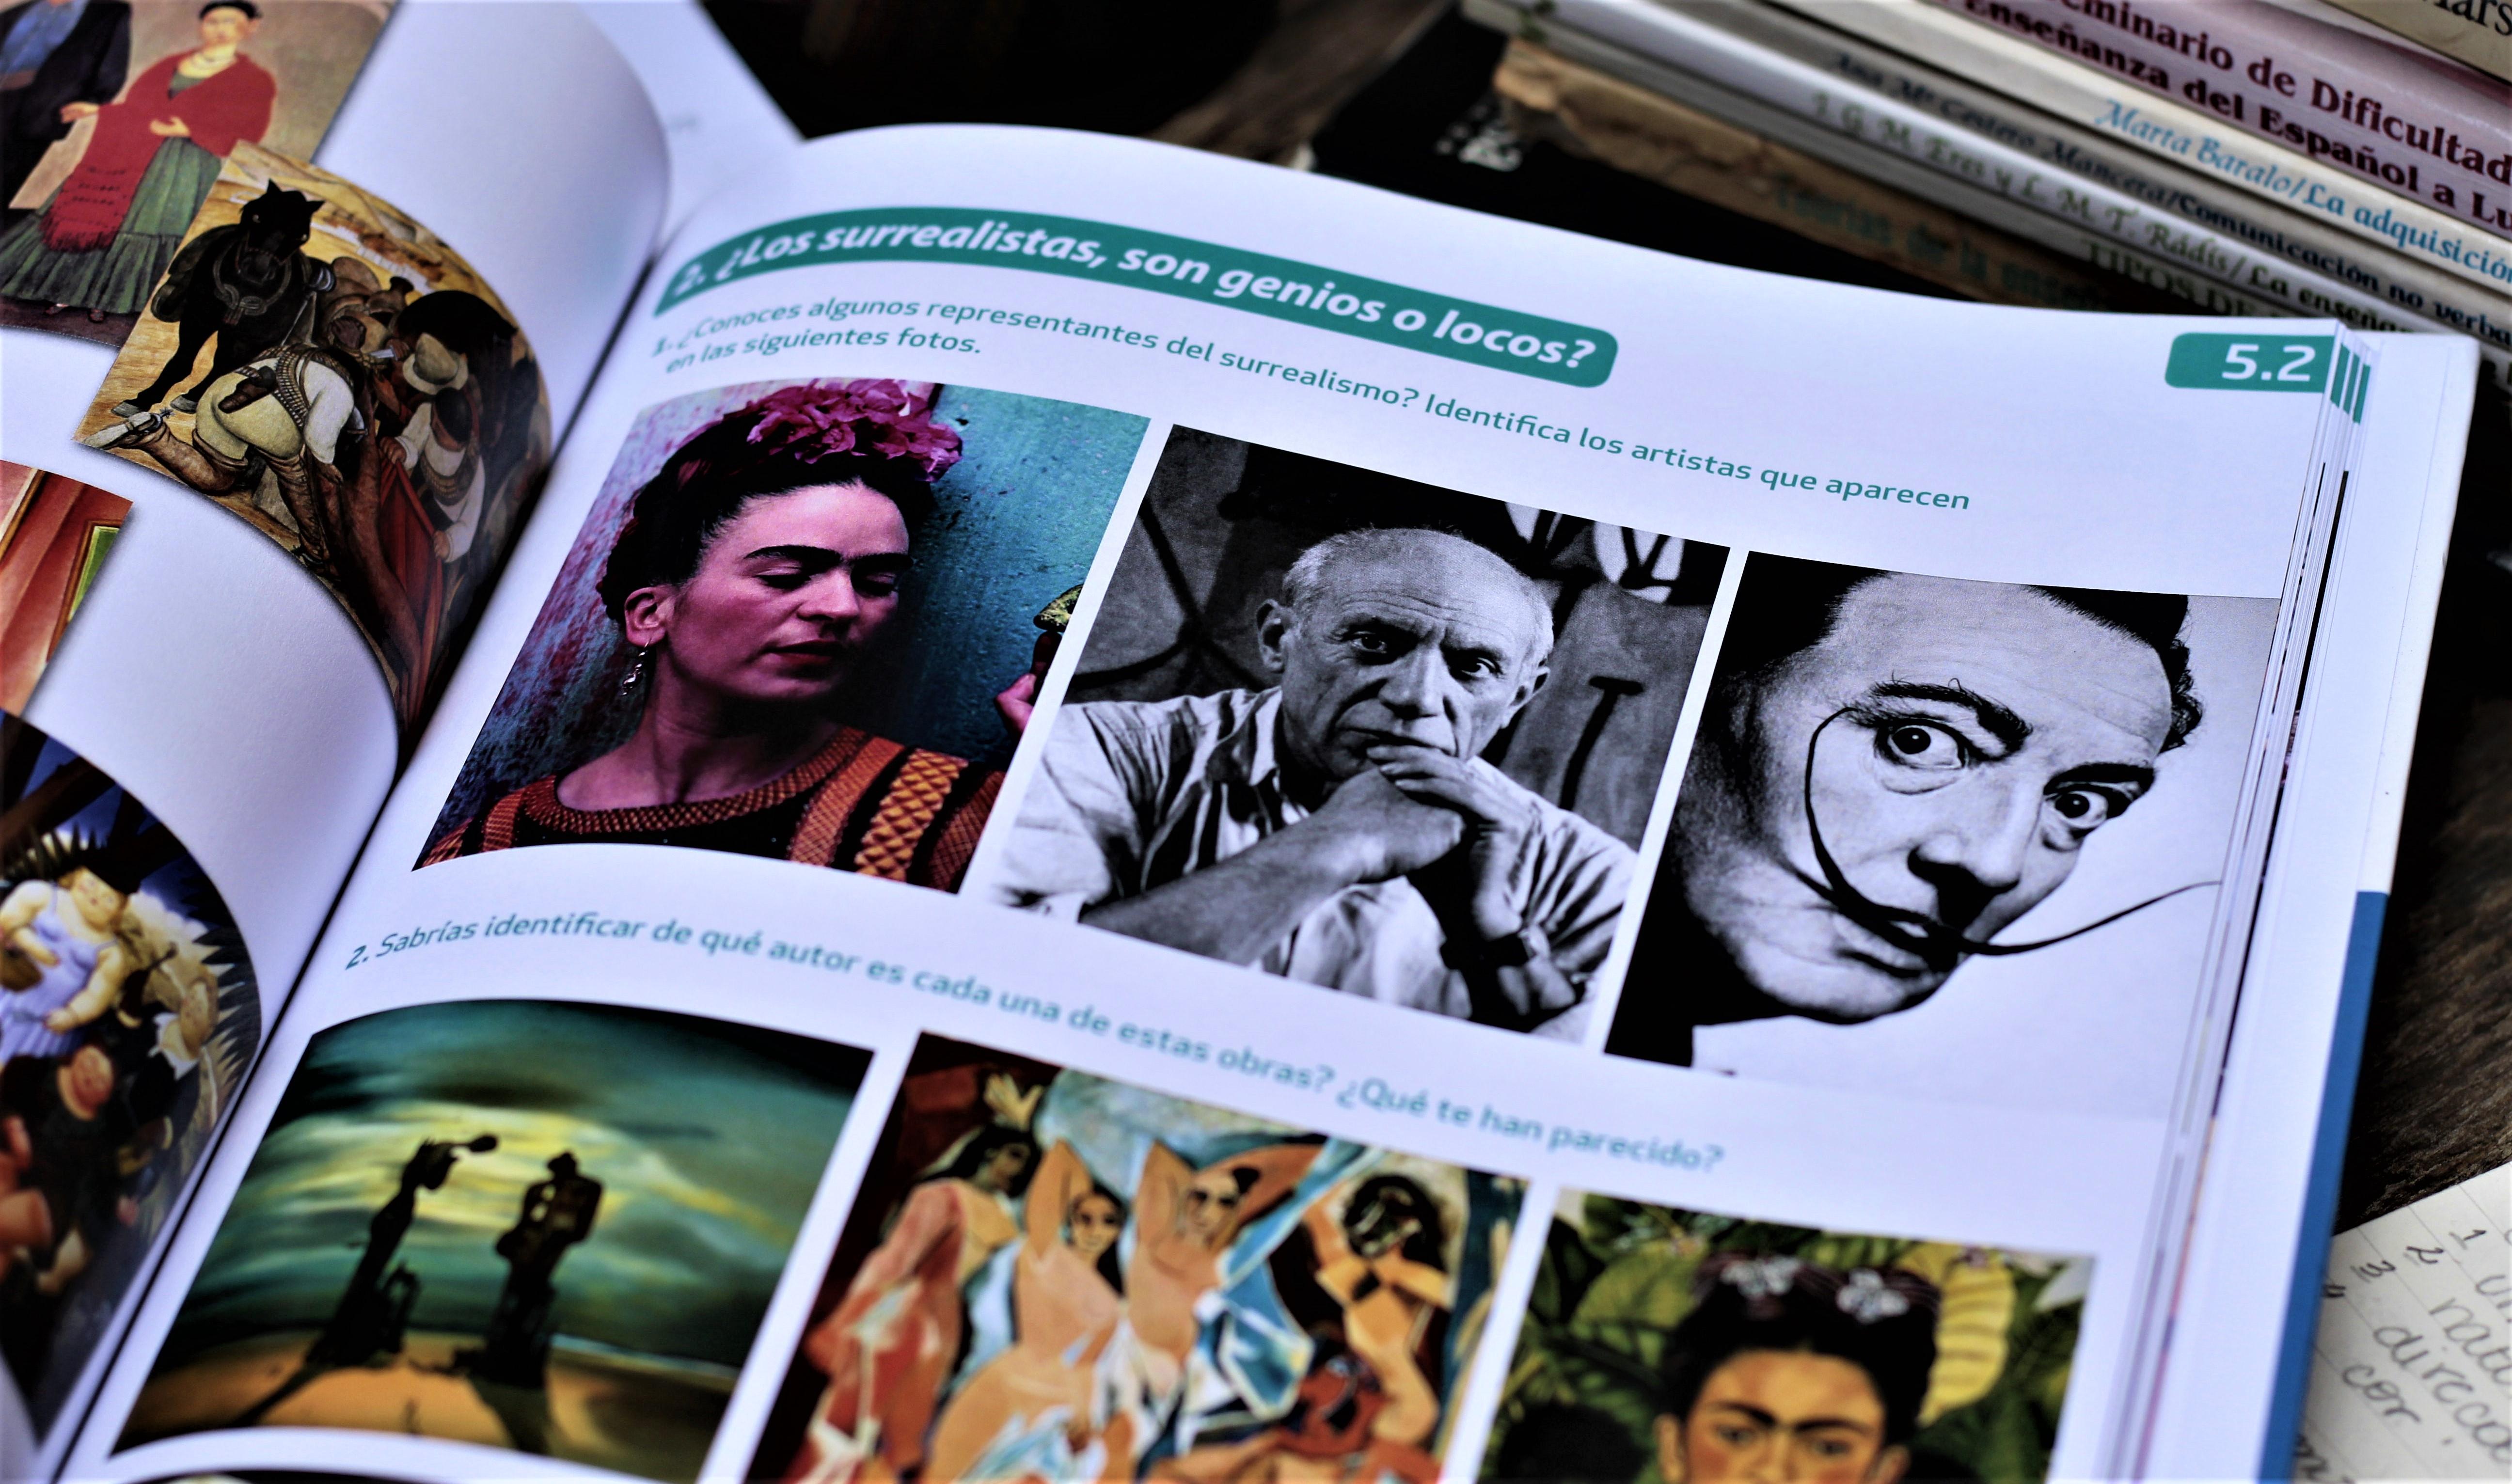 http://www.espanaaqui.com.br/pdf/Fotos/Junho/_MG_0364%20(2).jpg